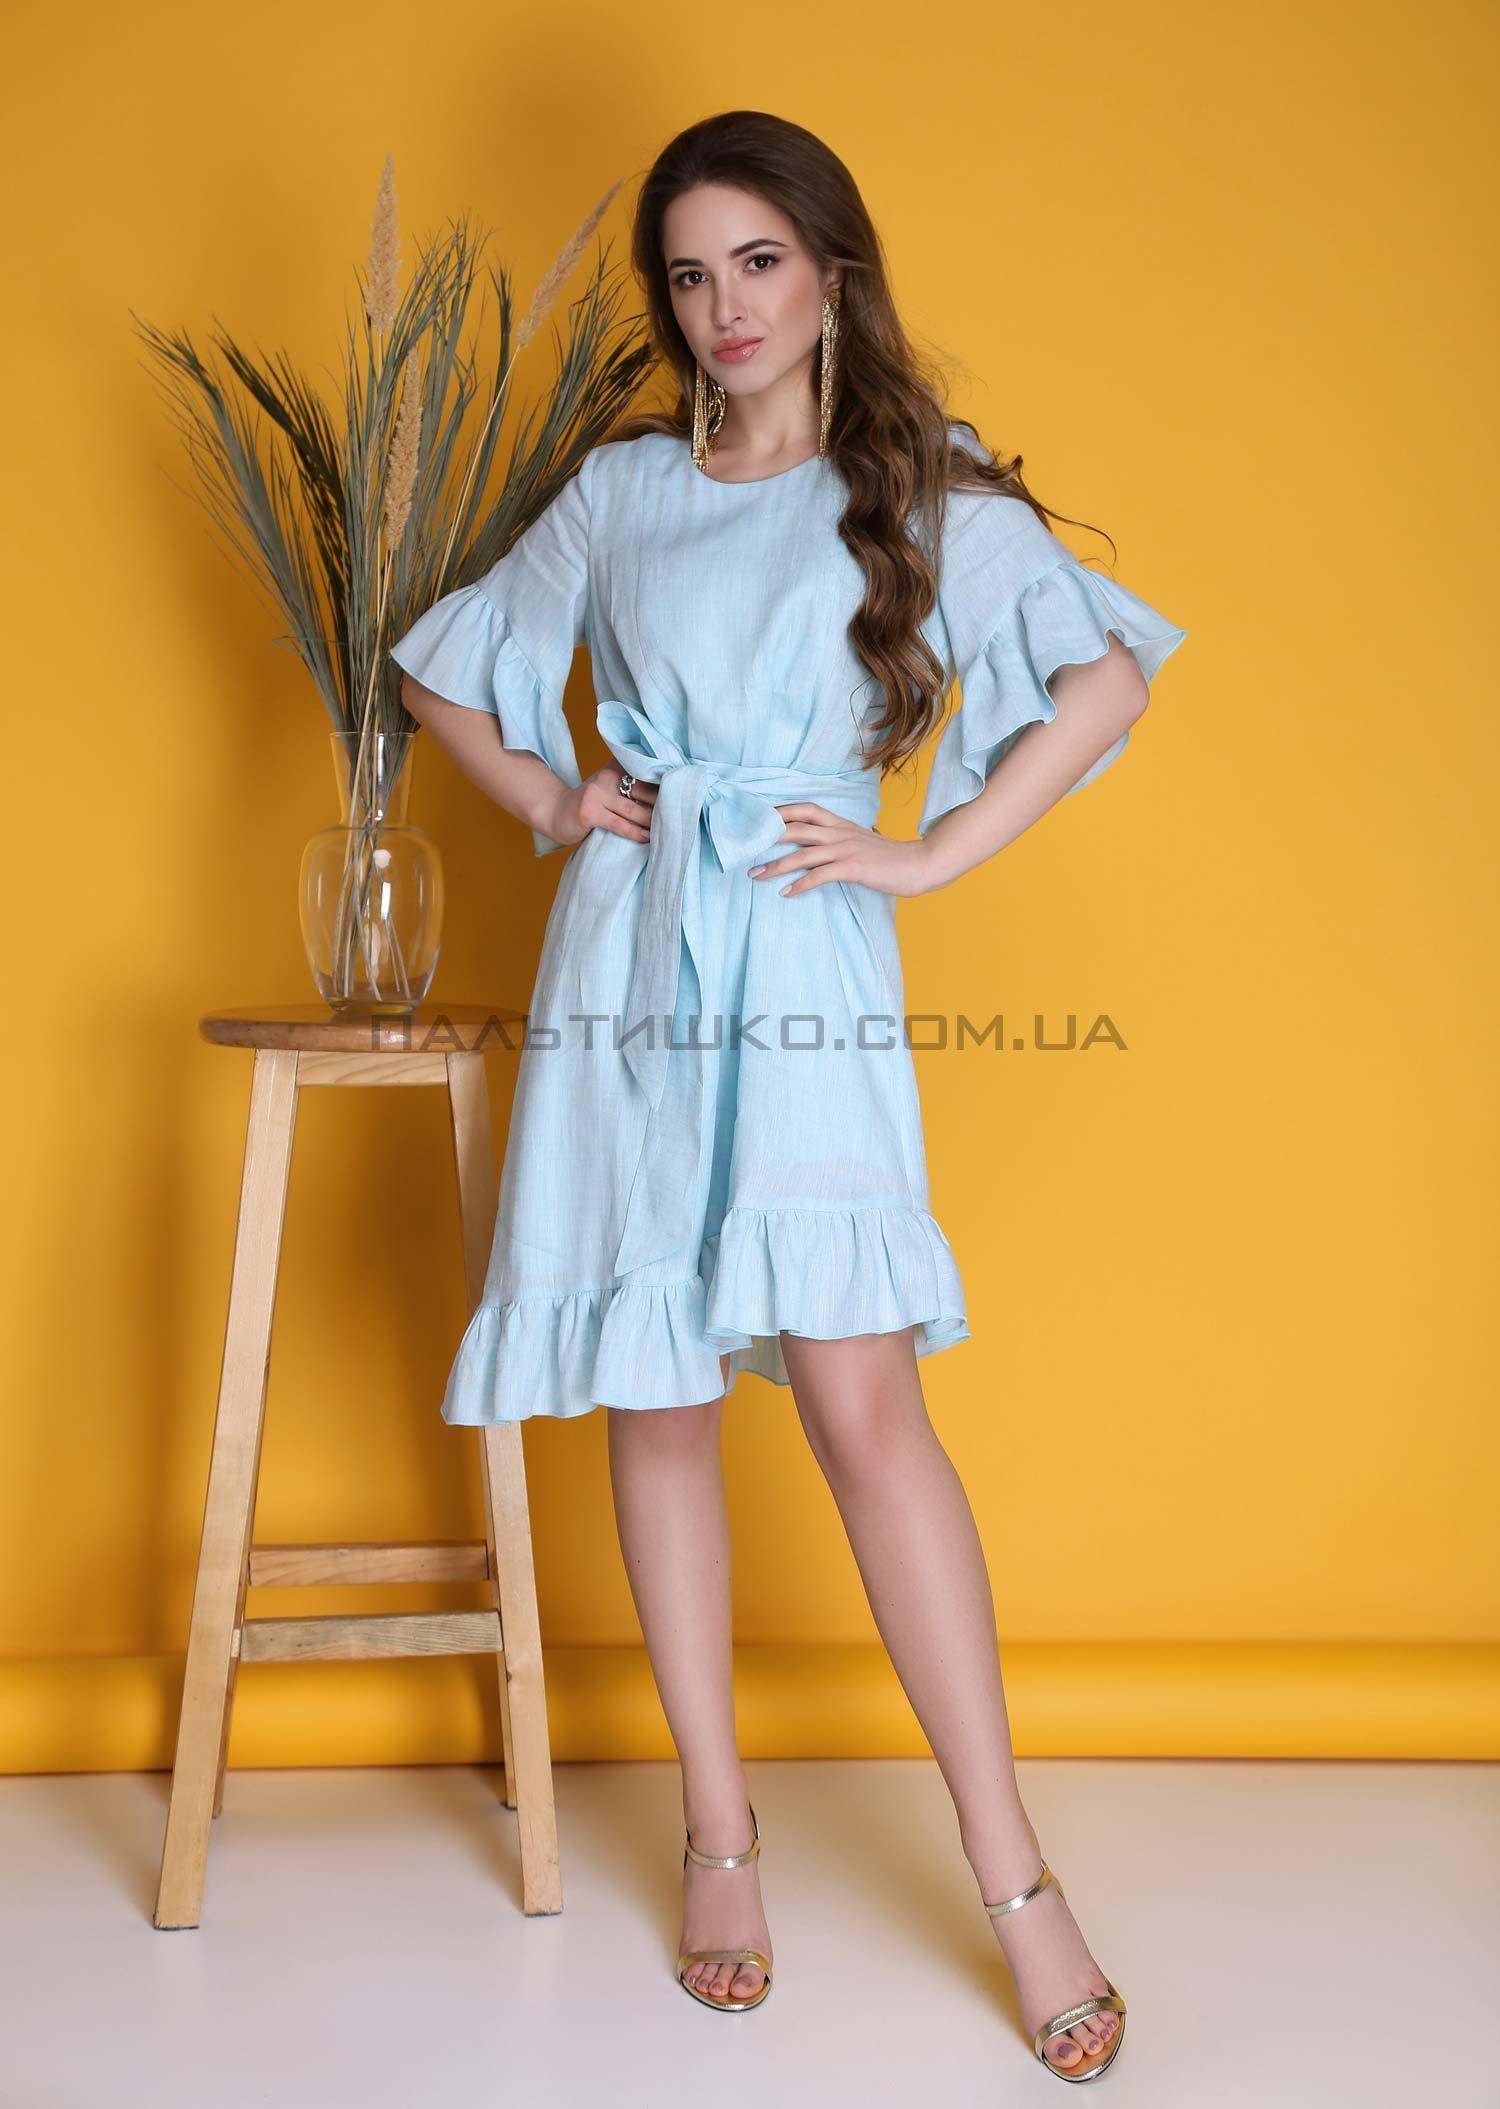 Платье голубое с оборками